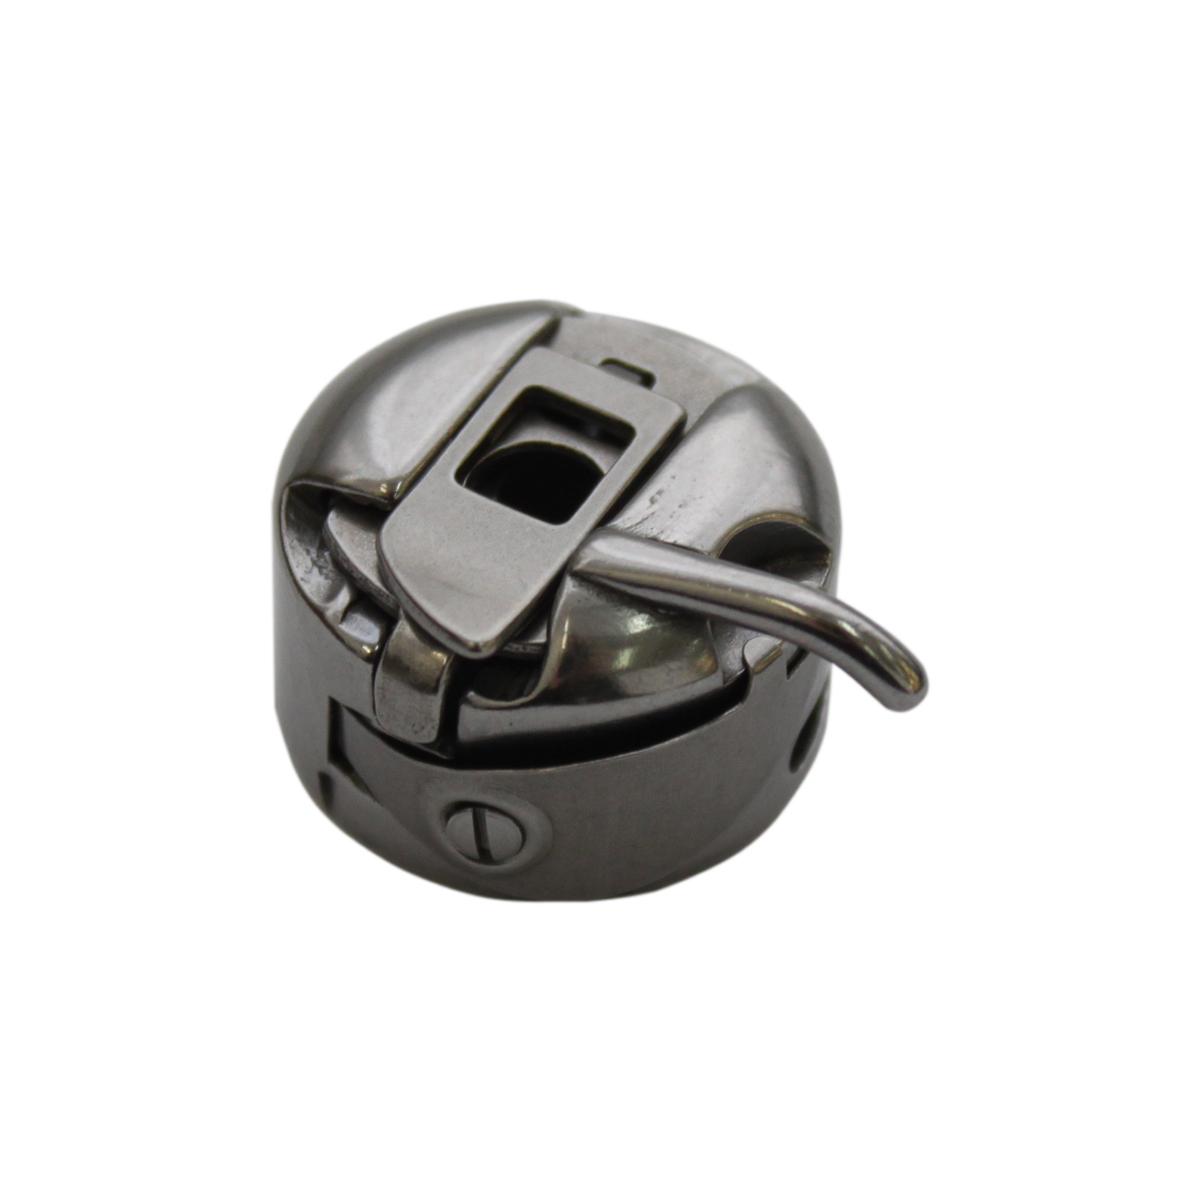 Bestex Шпульный колпачок для БШМ, левый, 5 шт. 0350-1000163385